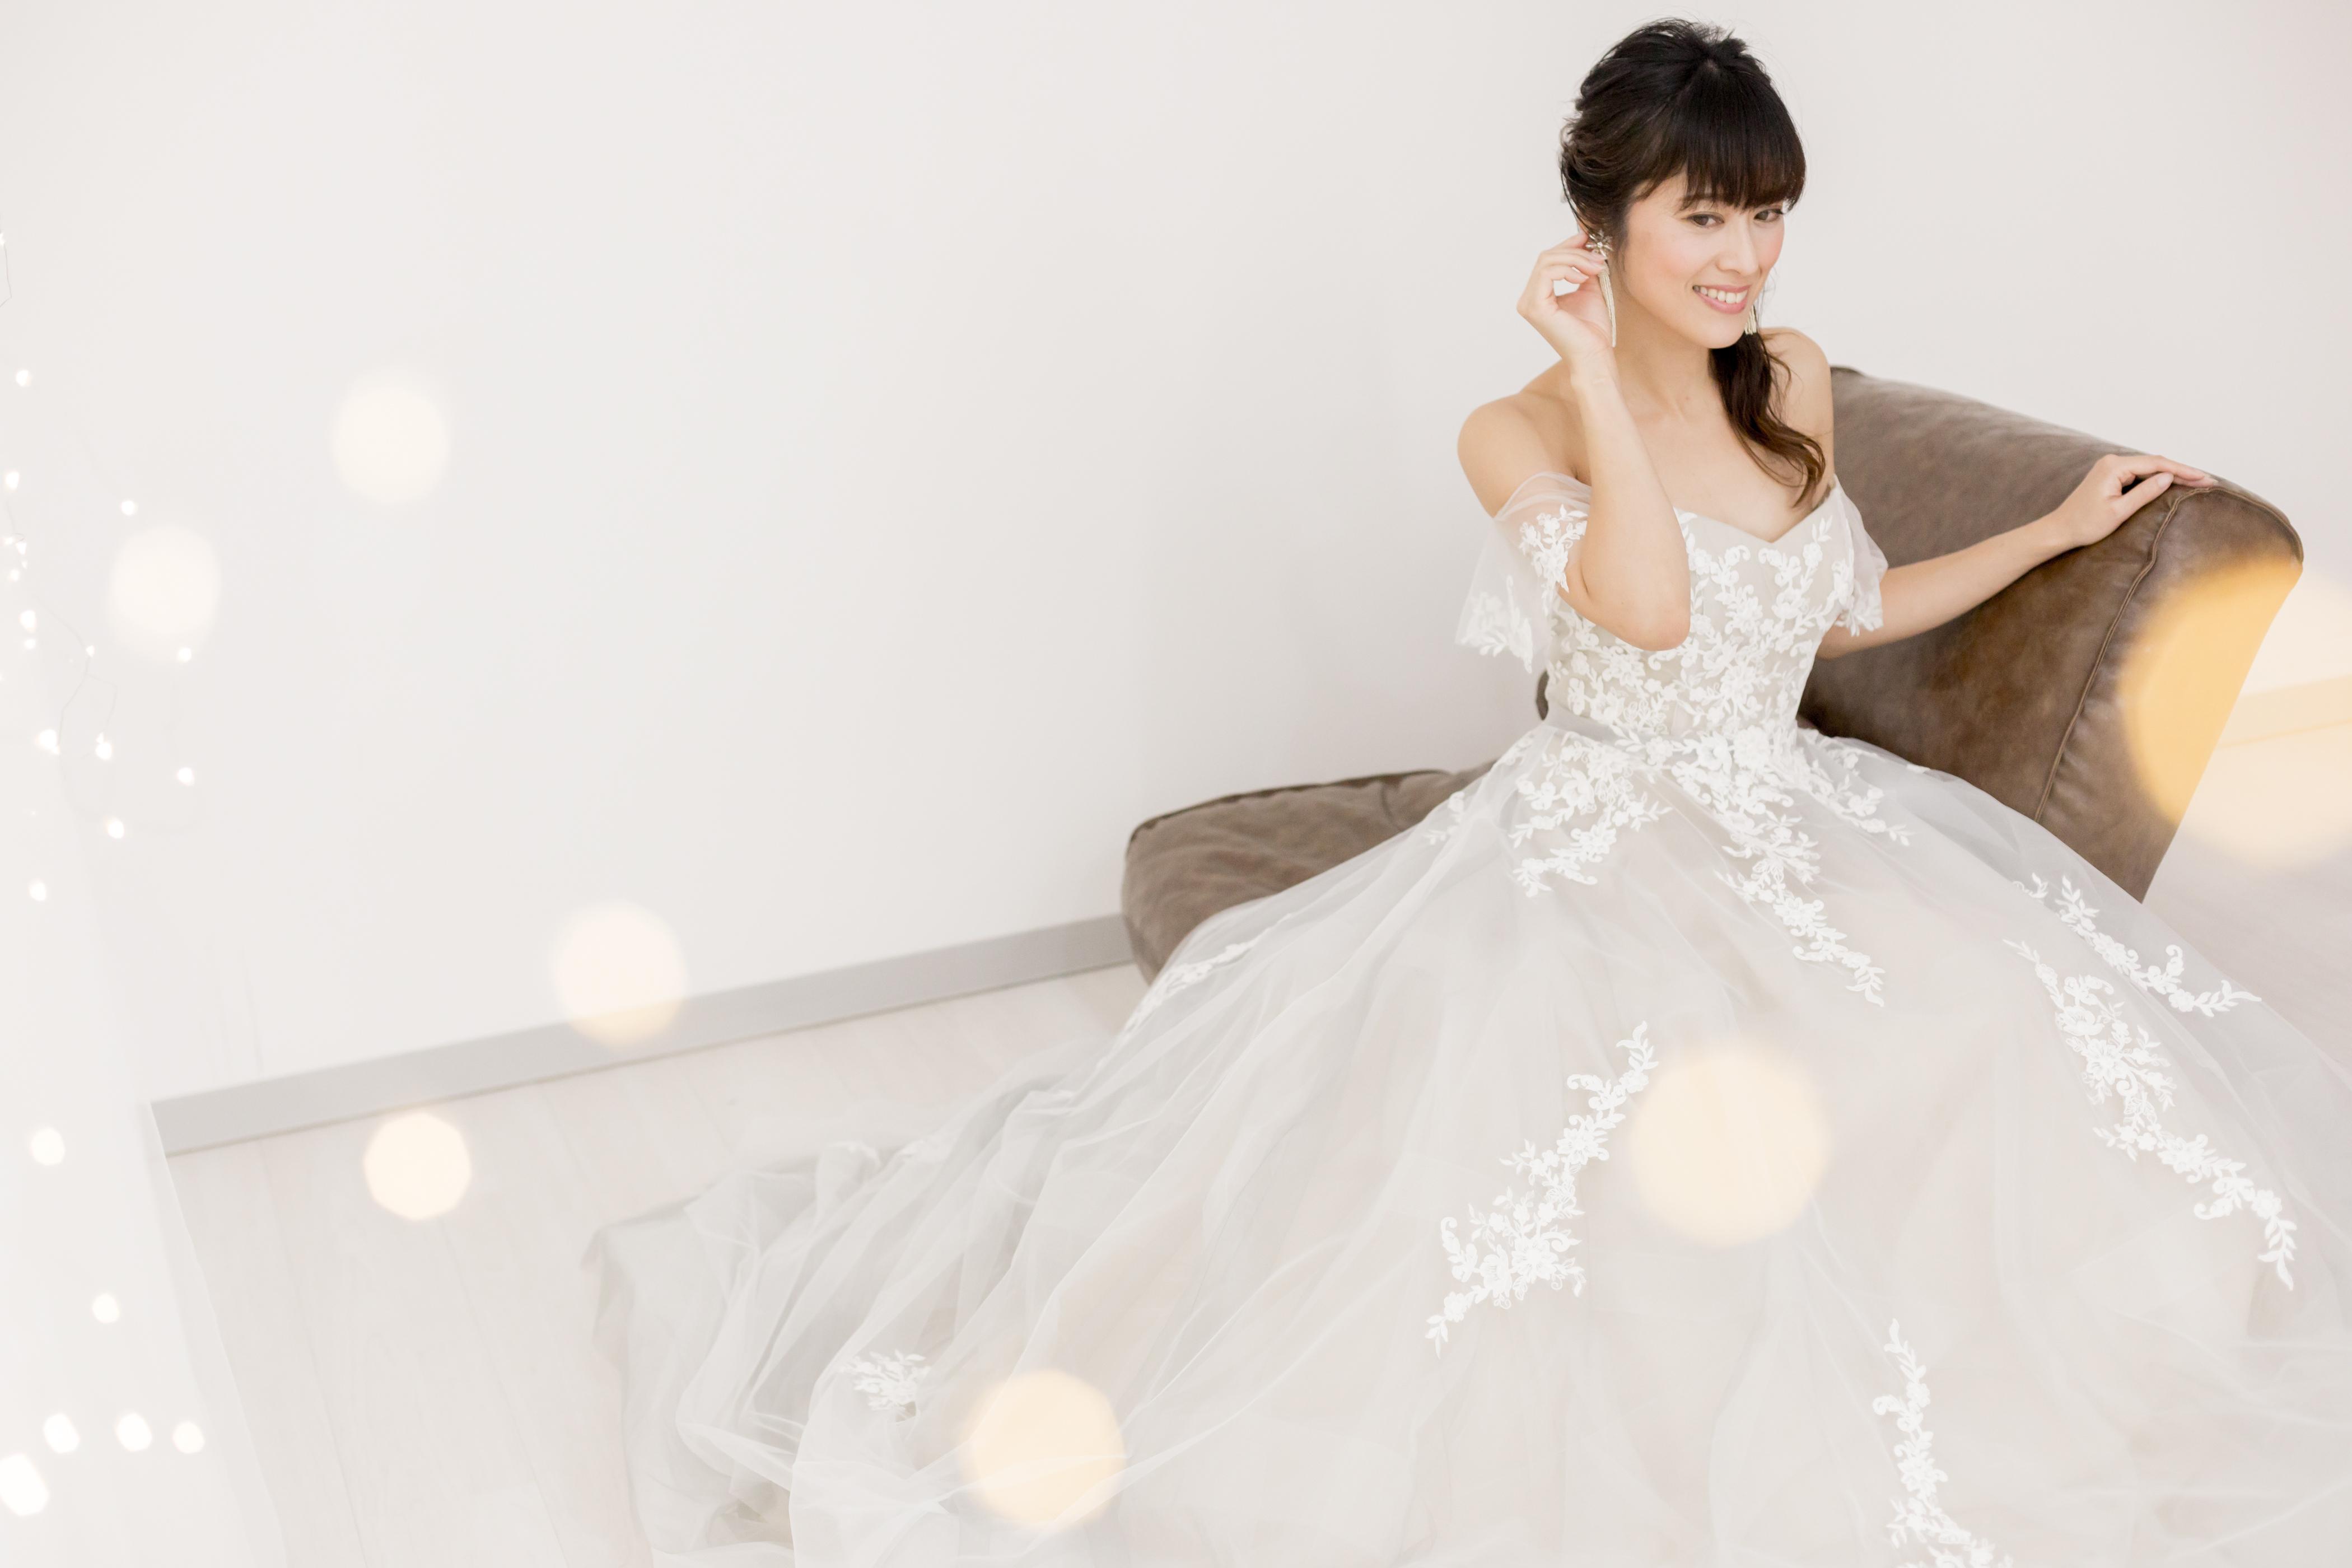 2477e71b7138a 二次会用のドレスでとびきりおしゃれに!花嫁に人気なのは? - Cocomelodyマガジン